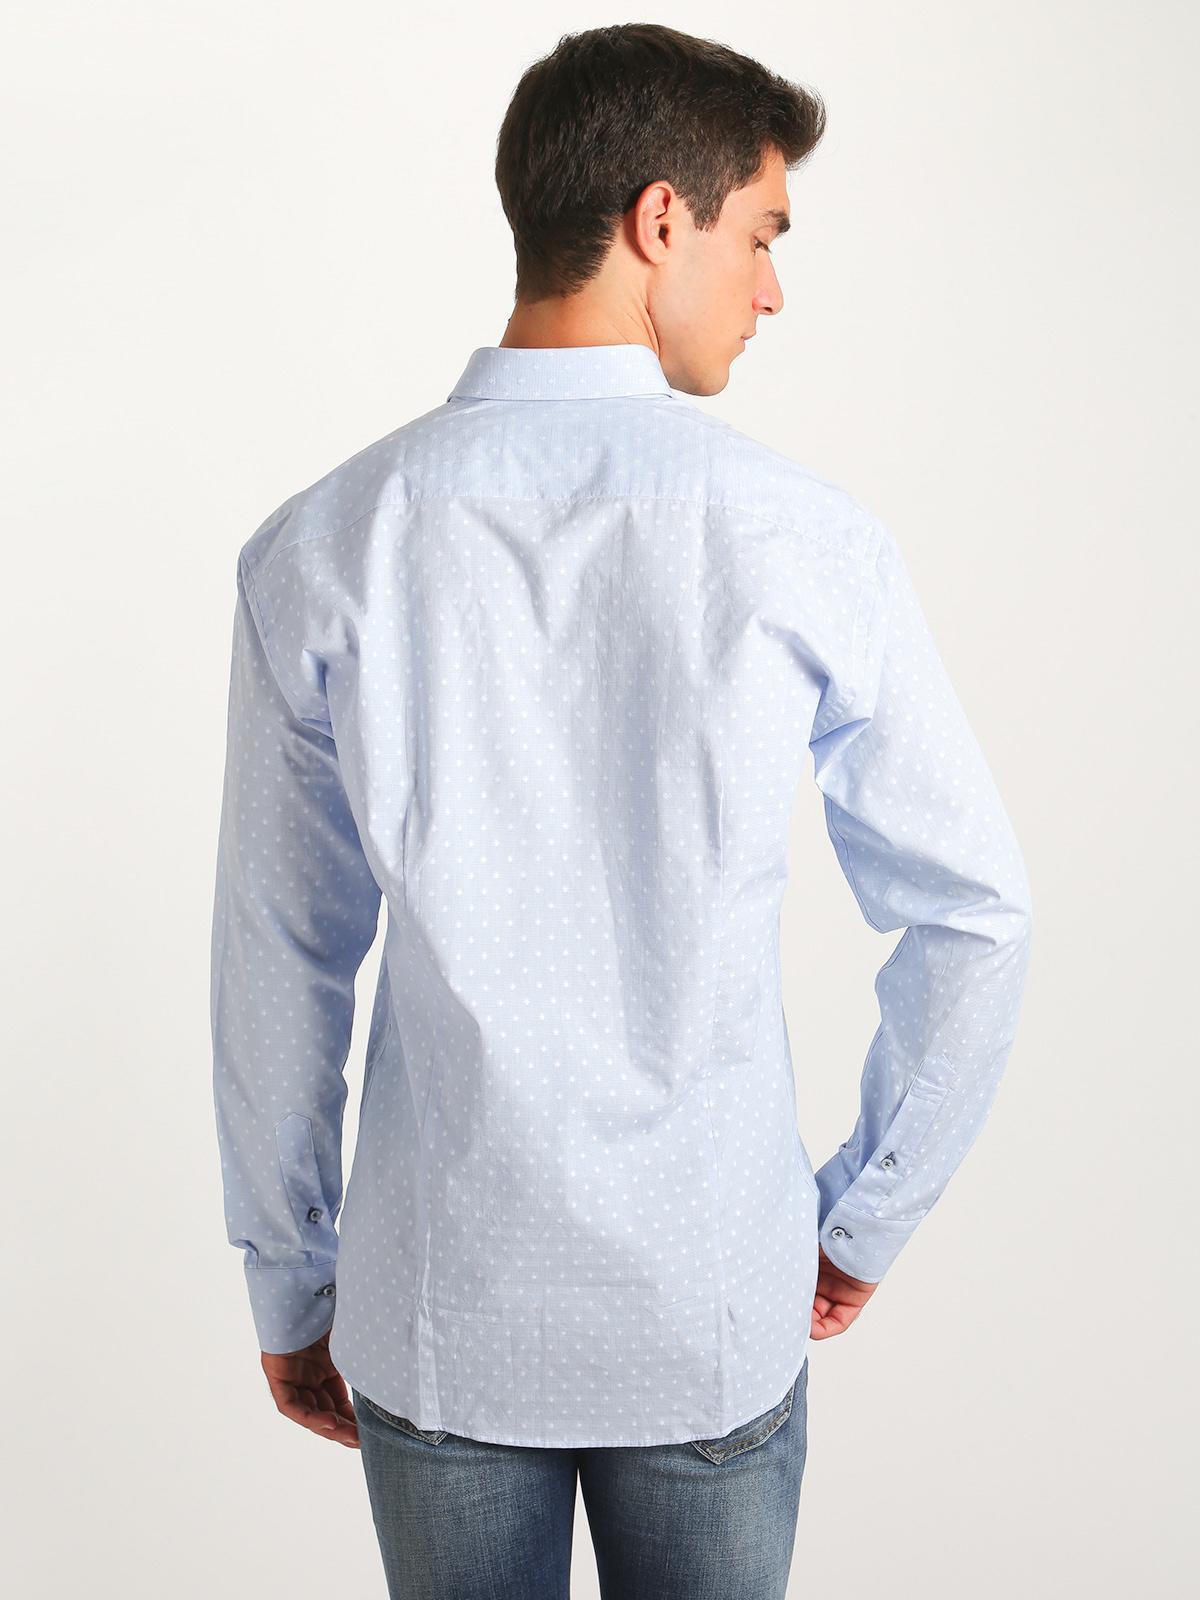 comprare on line c5357 fb060 Camicia in cotone testurizzata - regular fit carlo ...